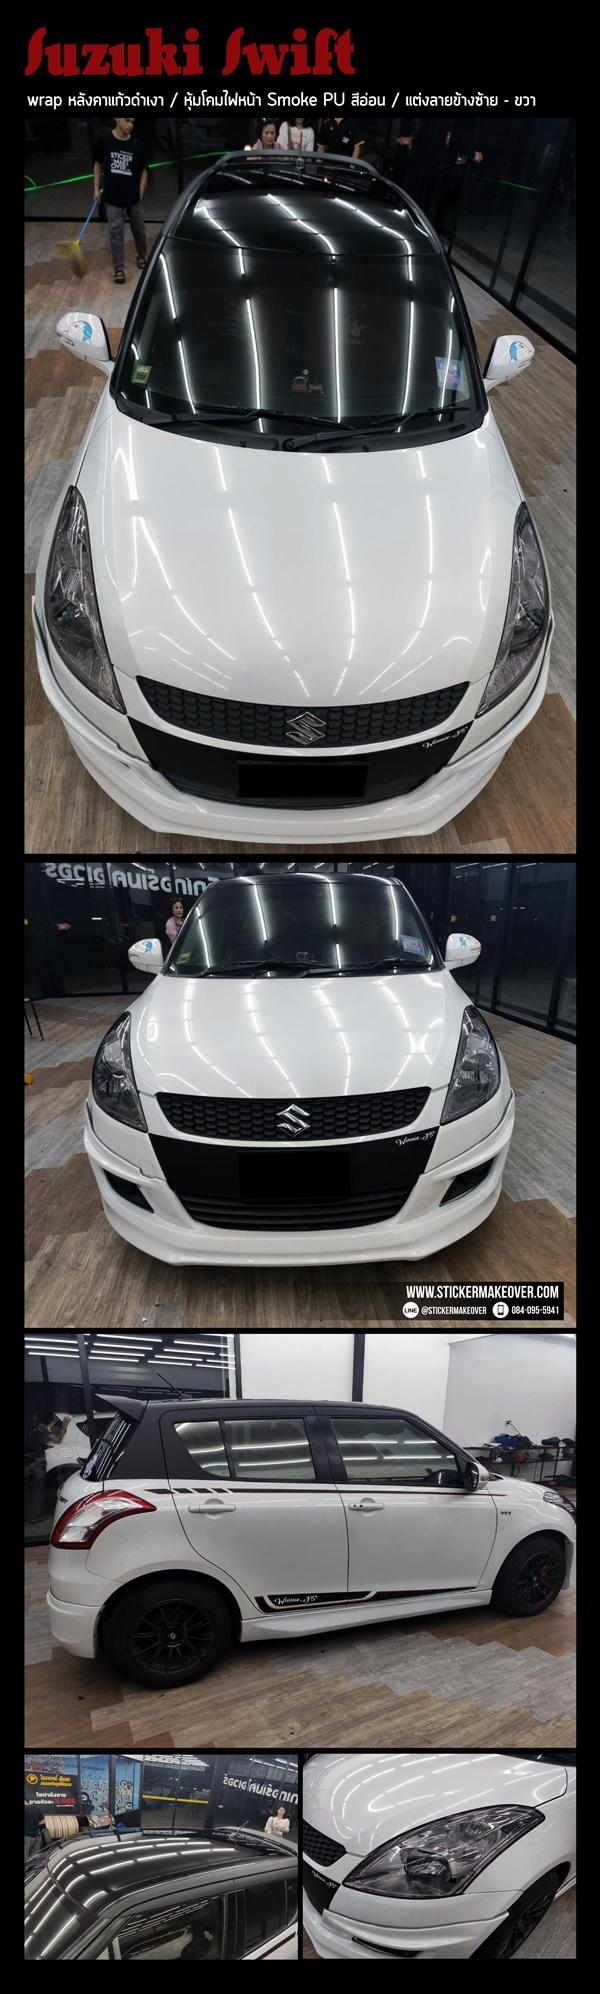 แต่งลายรถสติกเกอร์ หลังคาแก้ว หลังคาดำ Suzuki swift ซูซูกิสวิฟ   สวิฟแต่งสวย สติกเกอร์หลังคา Suzuki swift ซูซูกิสวิฟ   หุ้มหูกระจก Suzuki swift ซูซูกิสวิฟ หุ้มหูกระจกธงอังกฤษ Suzuki swift ซูซูกิสวิฟ  ลายหุ้มหูกระจก Suzuki swift ซูซูกิสวิฟ แต่งลายรถนนทบุรี สติกเกอร์ติดรถลายการ์ตูน  หลังคาธงอังกฤษ หูกระจกธงอังกฤษ หุ้มสติกเกอร์เปลี่ยนสีรถ หุ้มหูกระจก Suzuki swift ซูซูกิสวิฟ แต่งลายรถนนทบุรี  ร้านสติกเกอร์แถวนนทบุรี